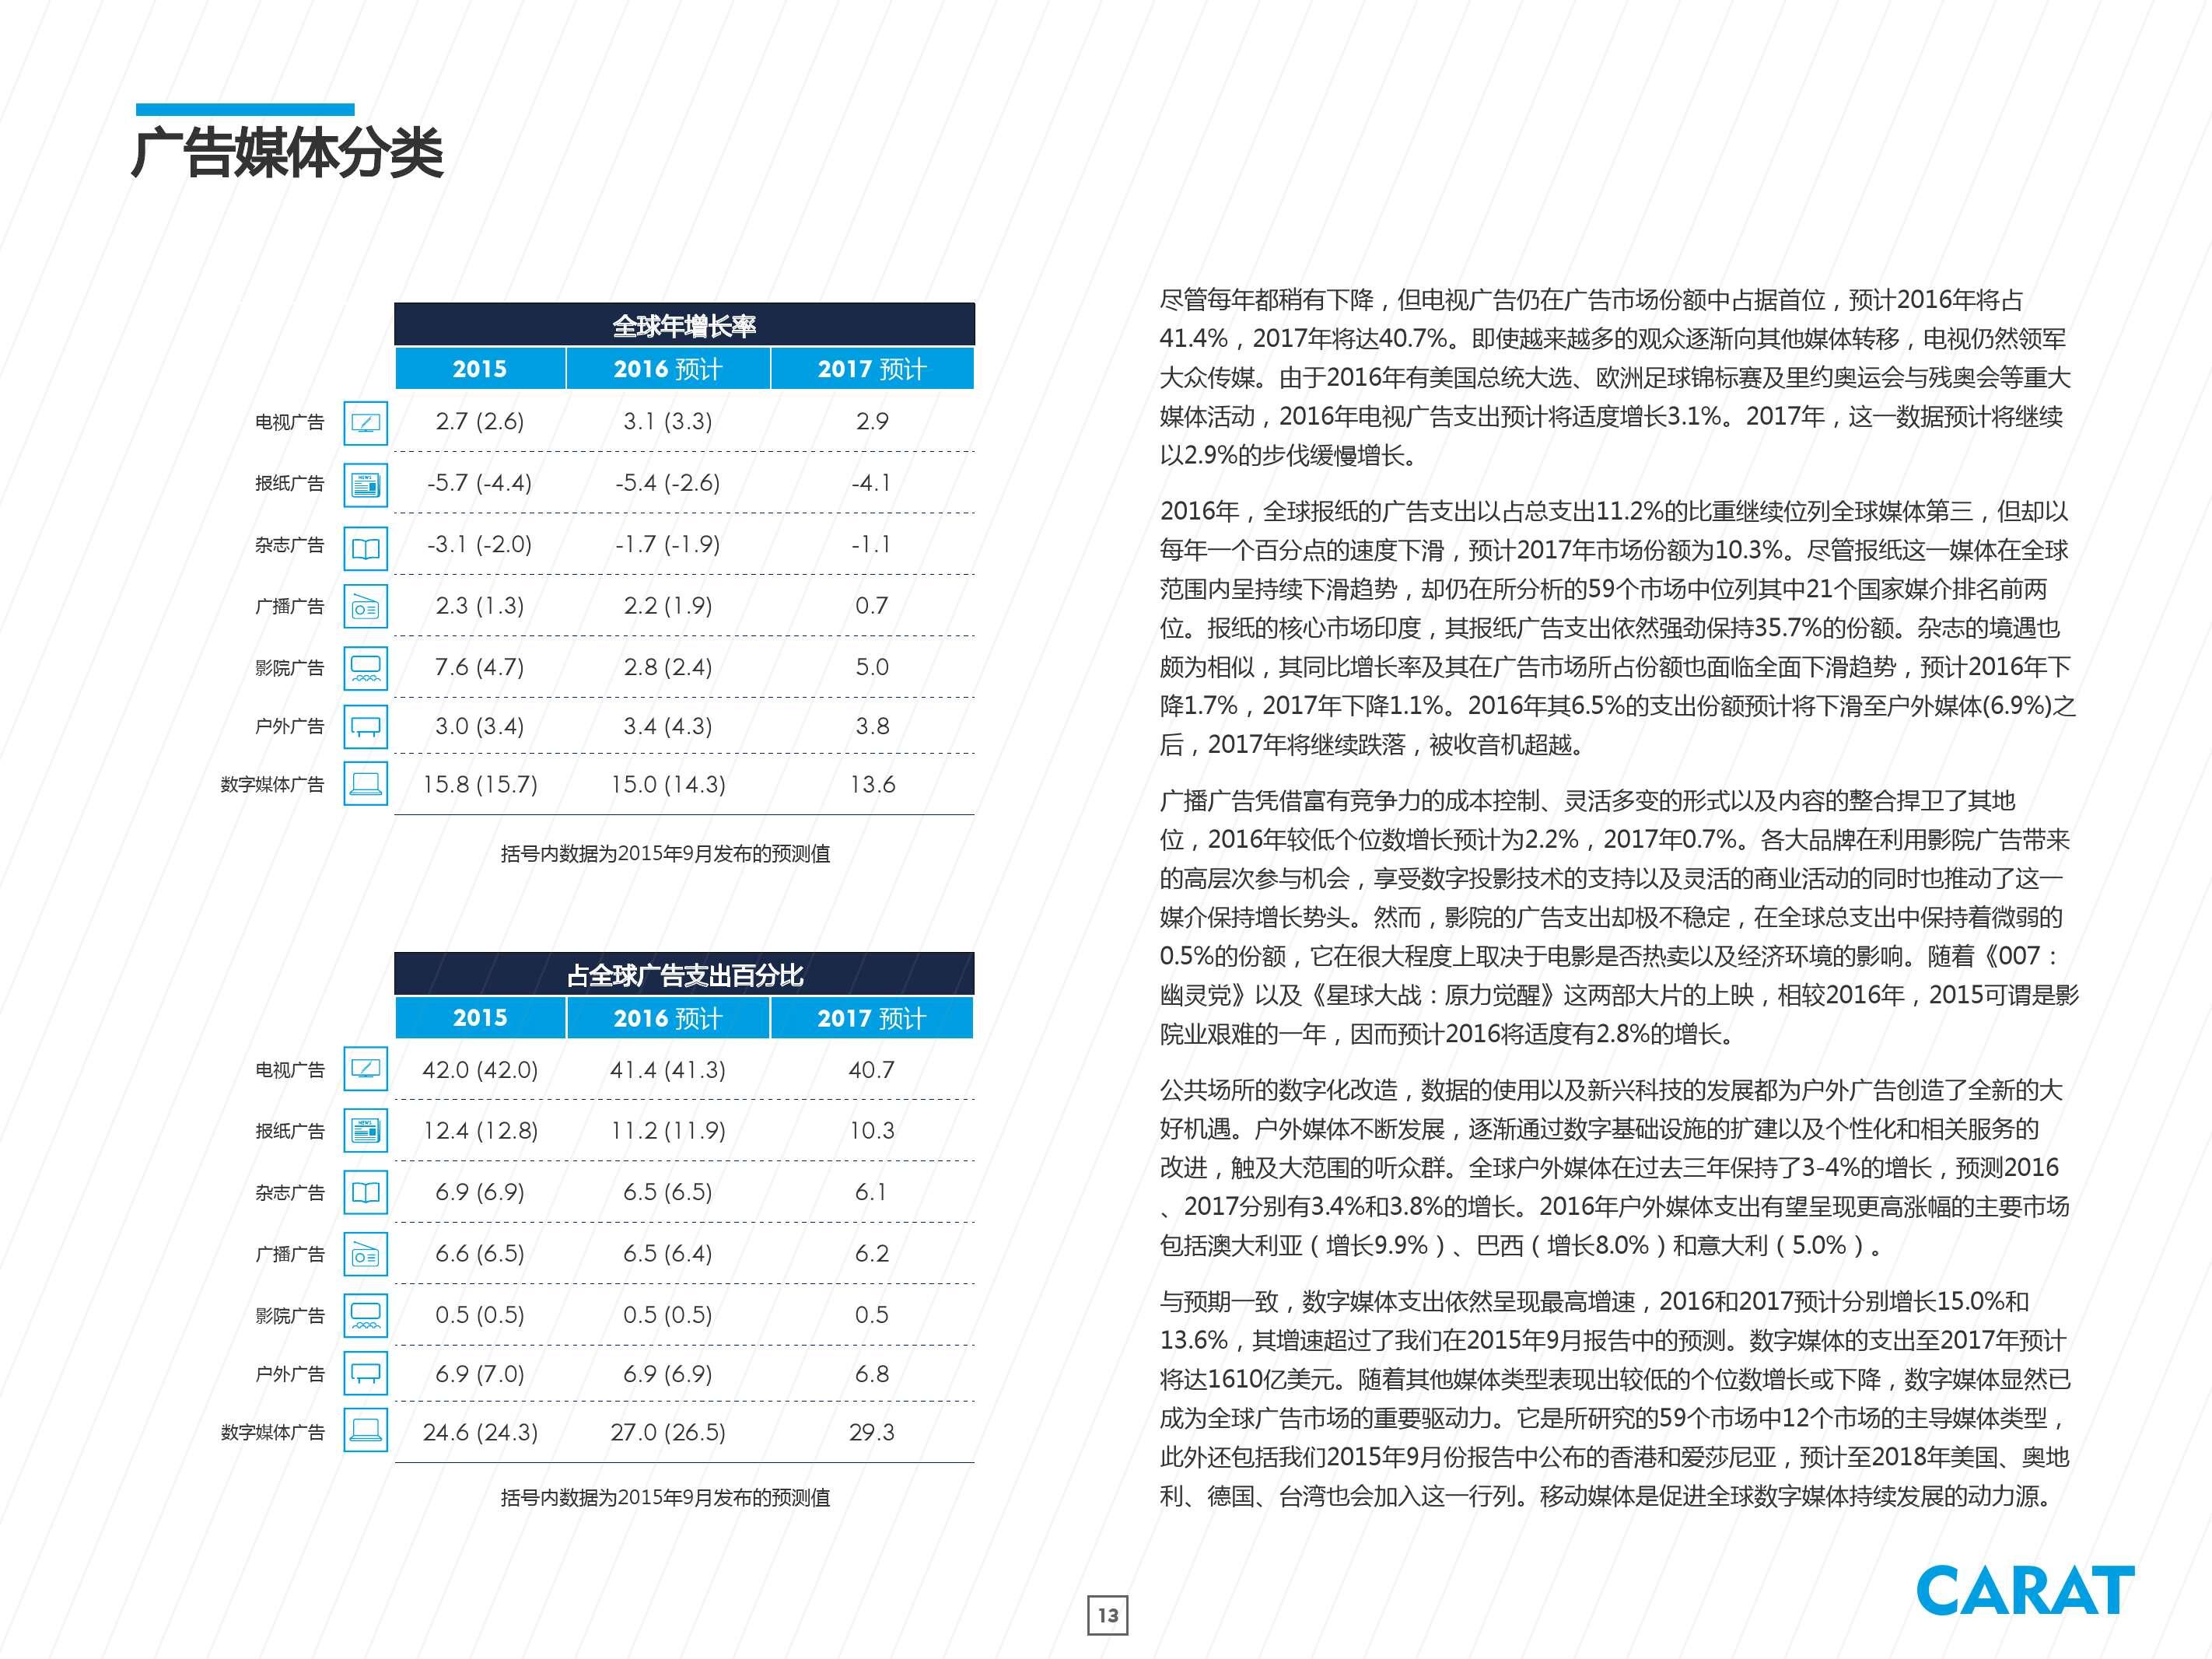 2016年全球数字广告支出预测_000013